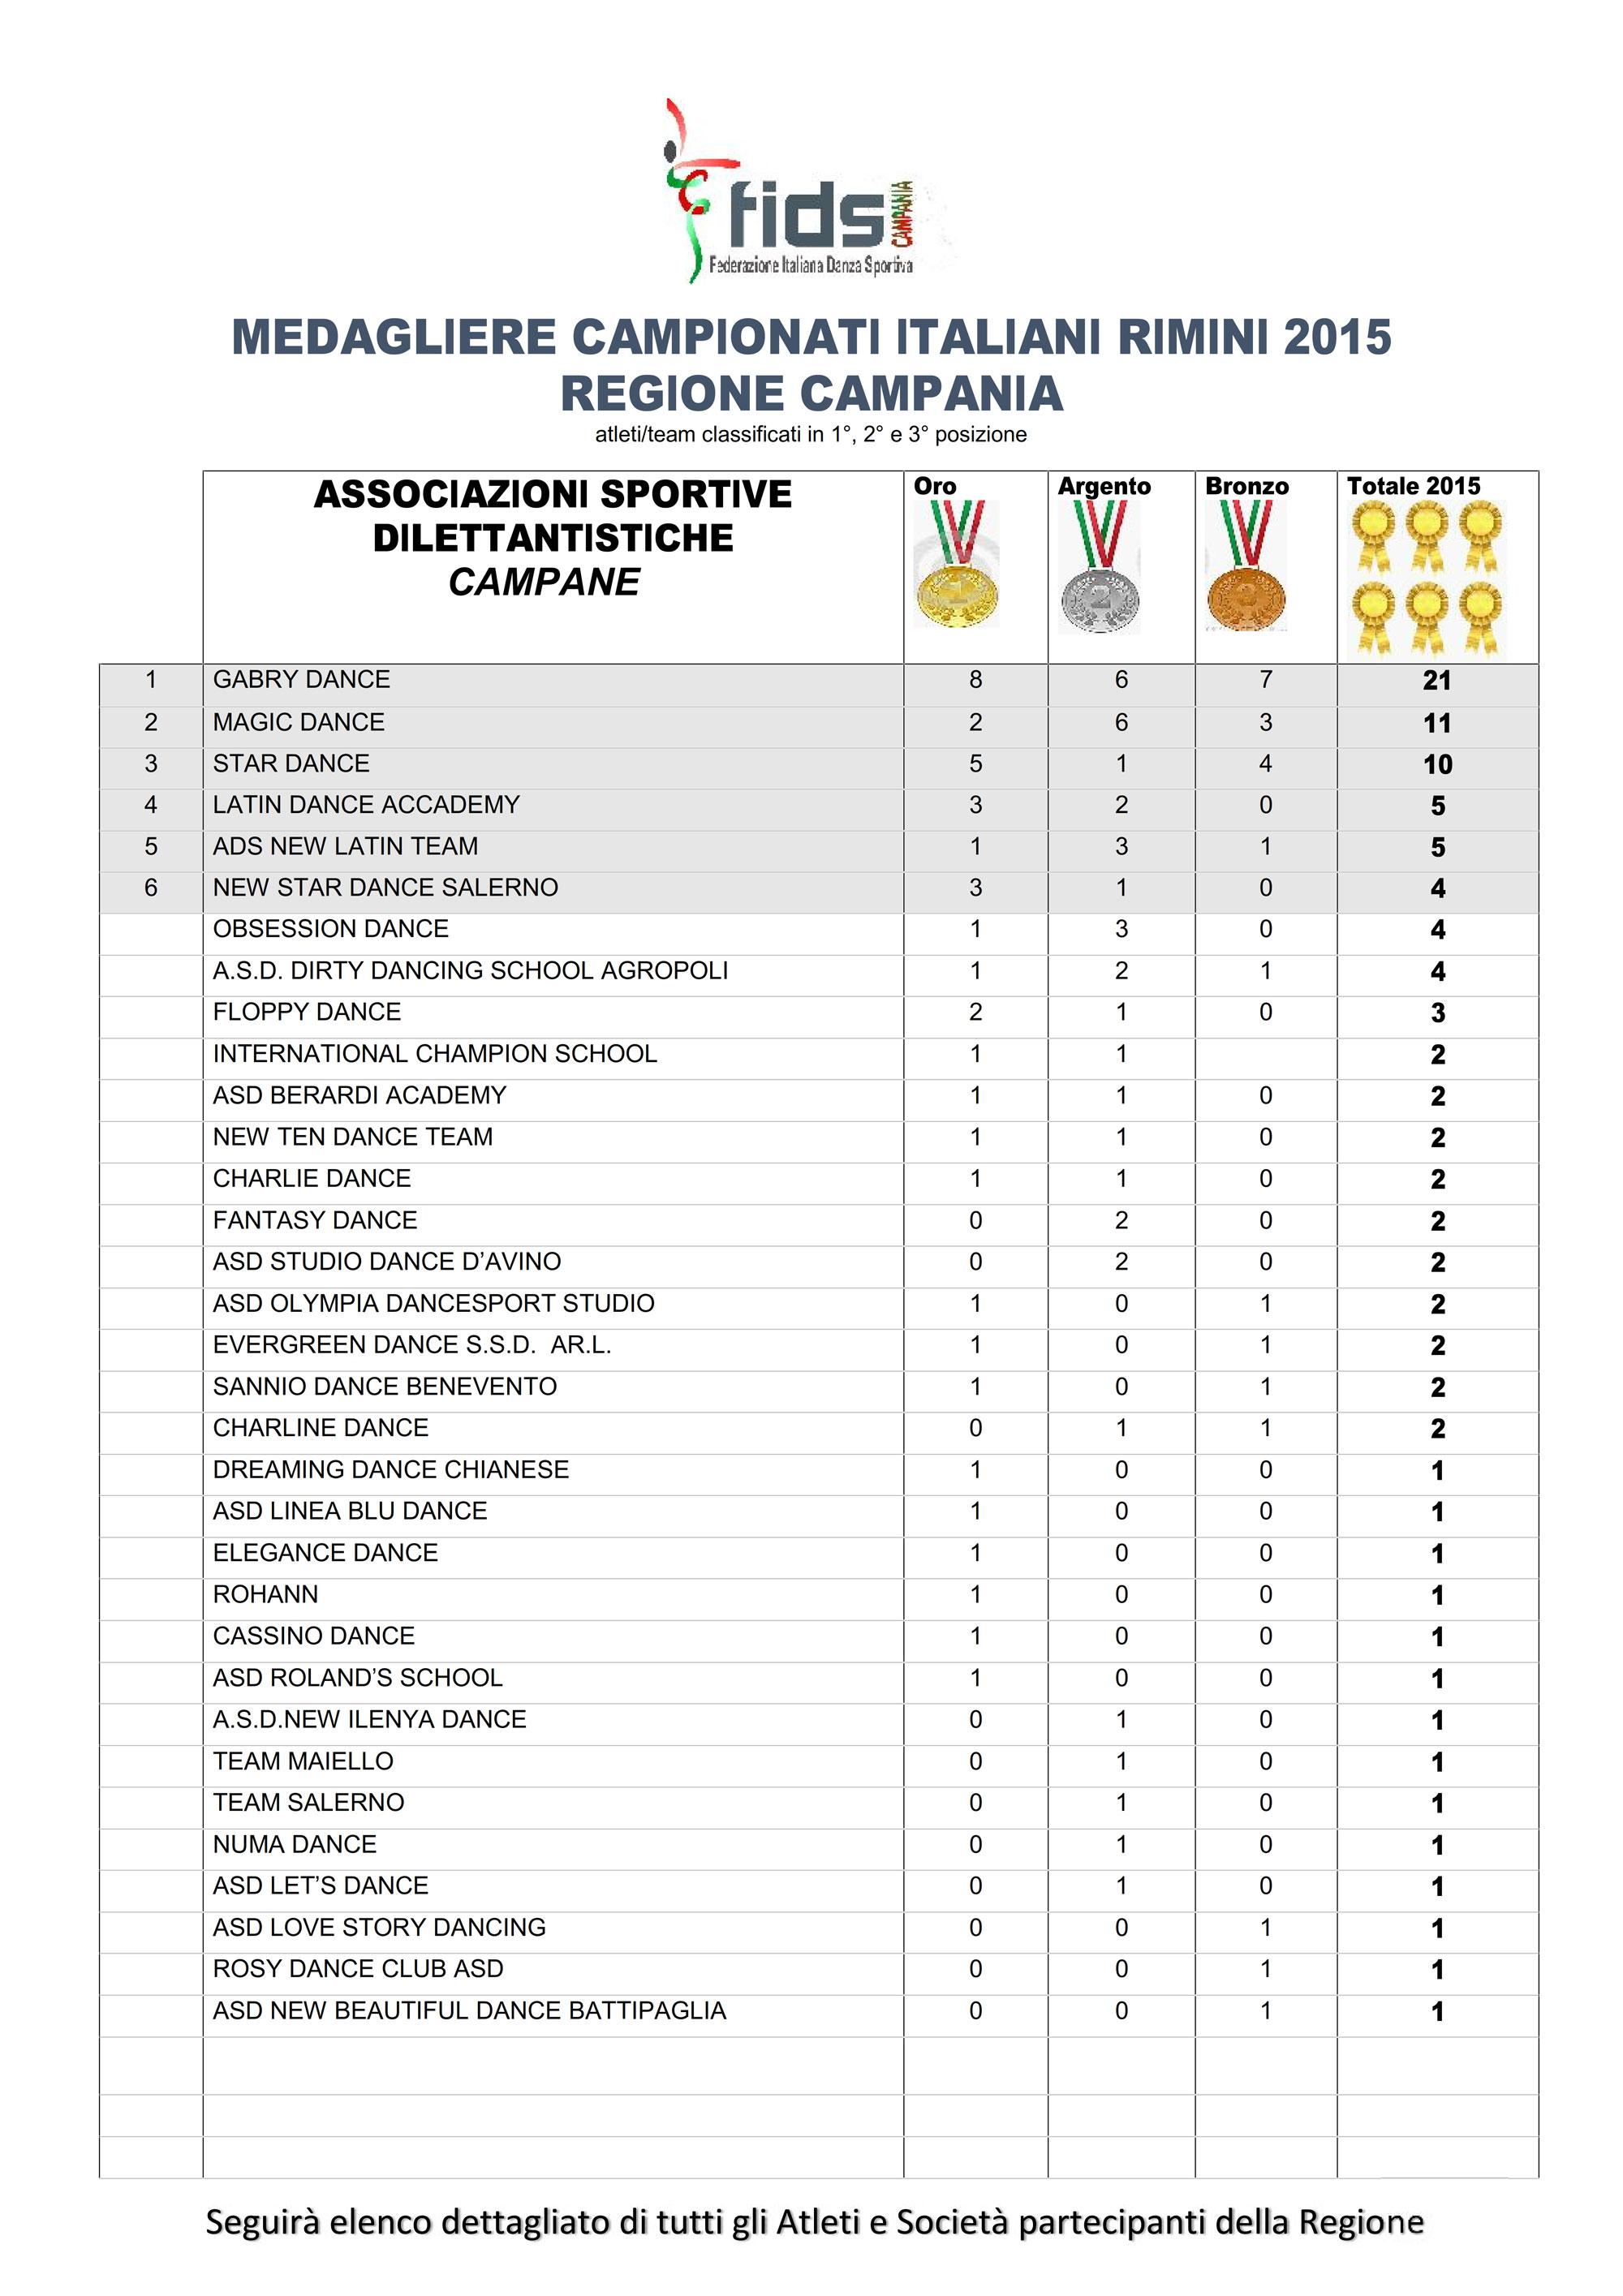 1-MEDAGLIERE-CAMPIONATI-ITALIANI-RIMINI-2014_001_0